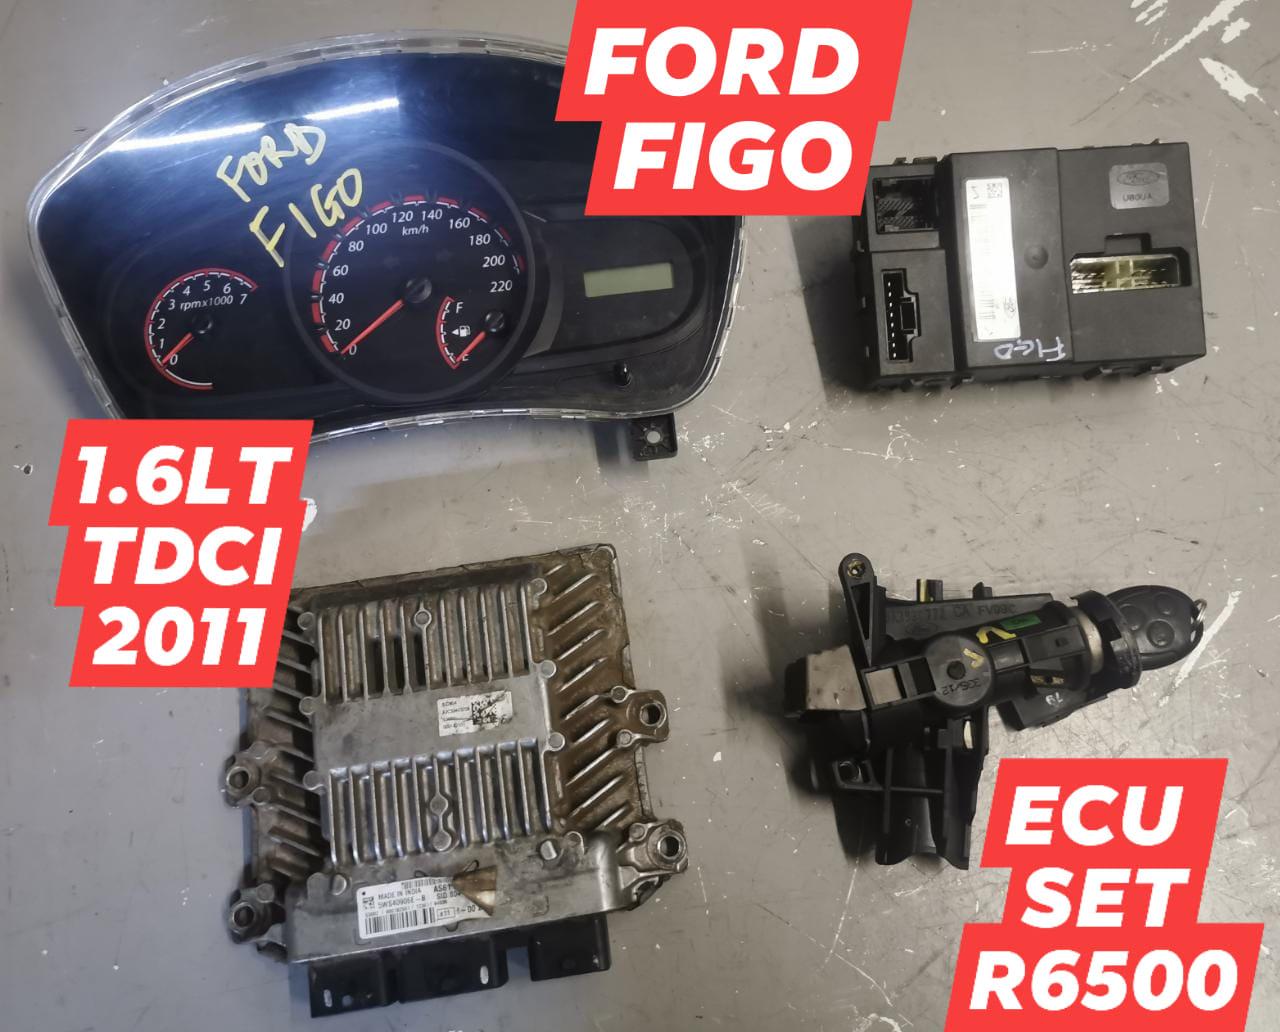 FORD FIGO 1.6LT TDCI 2011 ECU SET